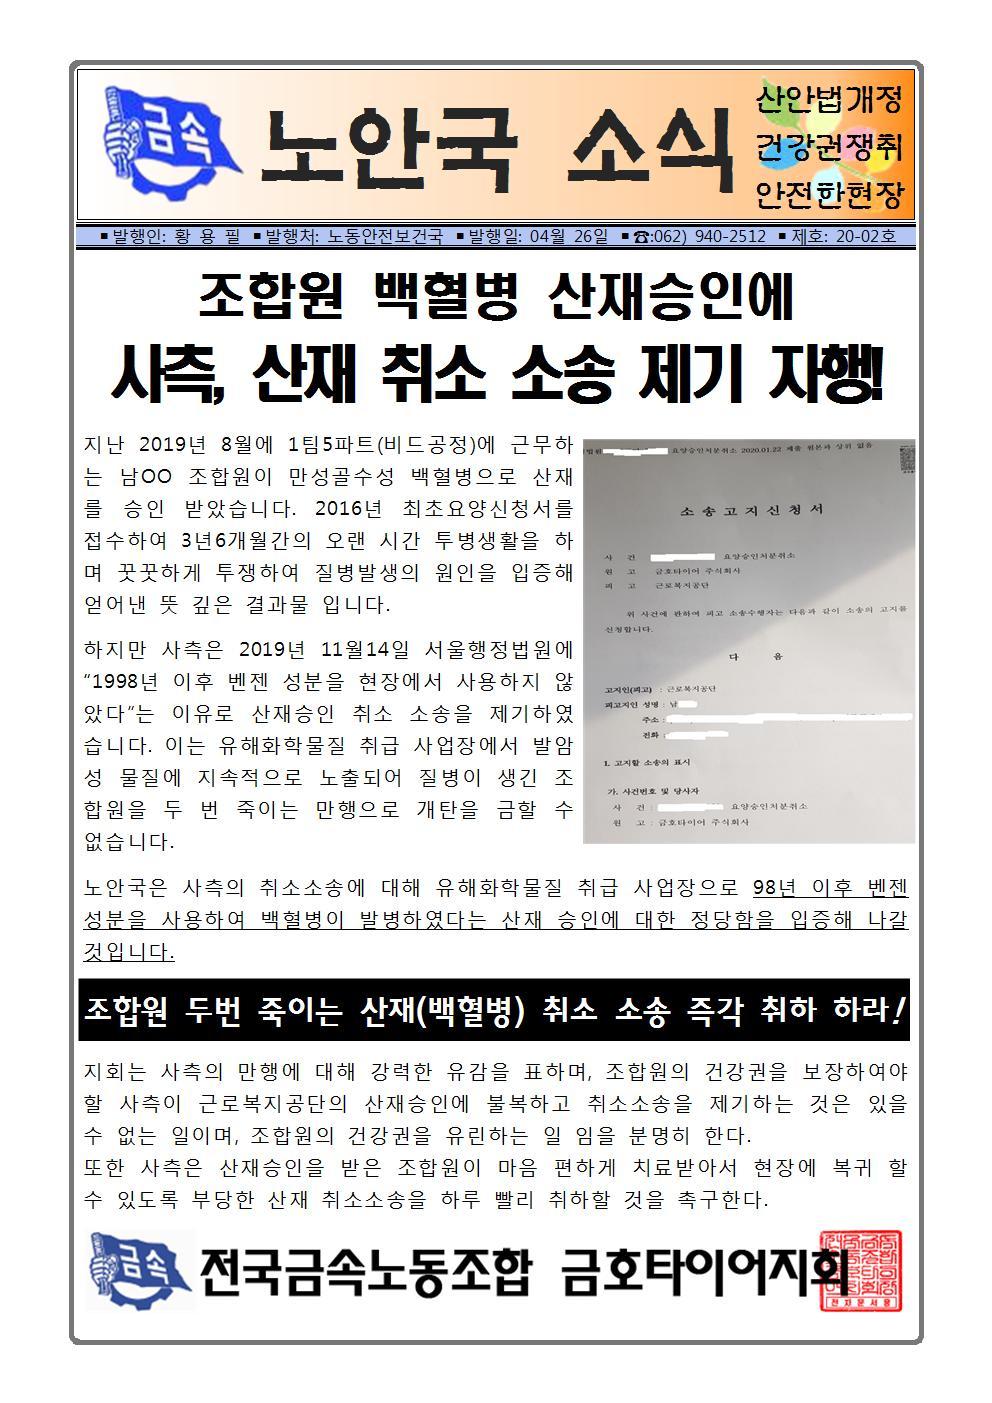 노안국소식 20-02.jpg